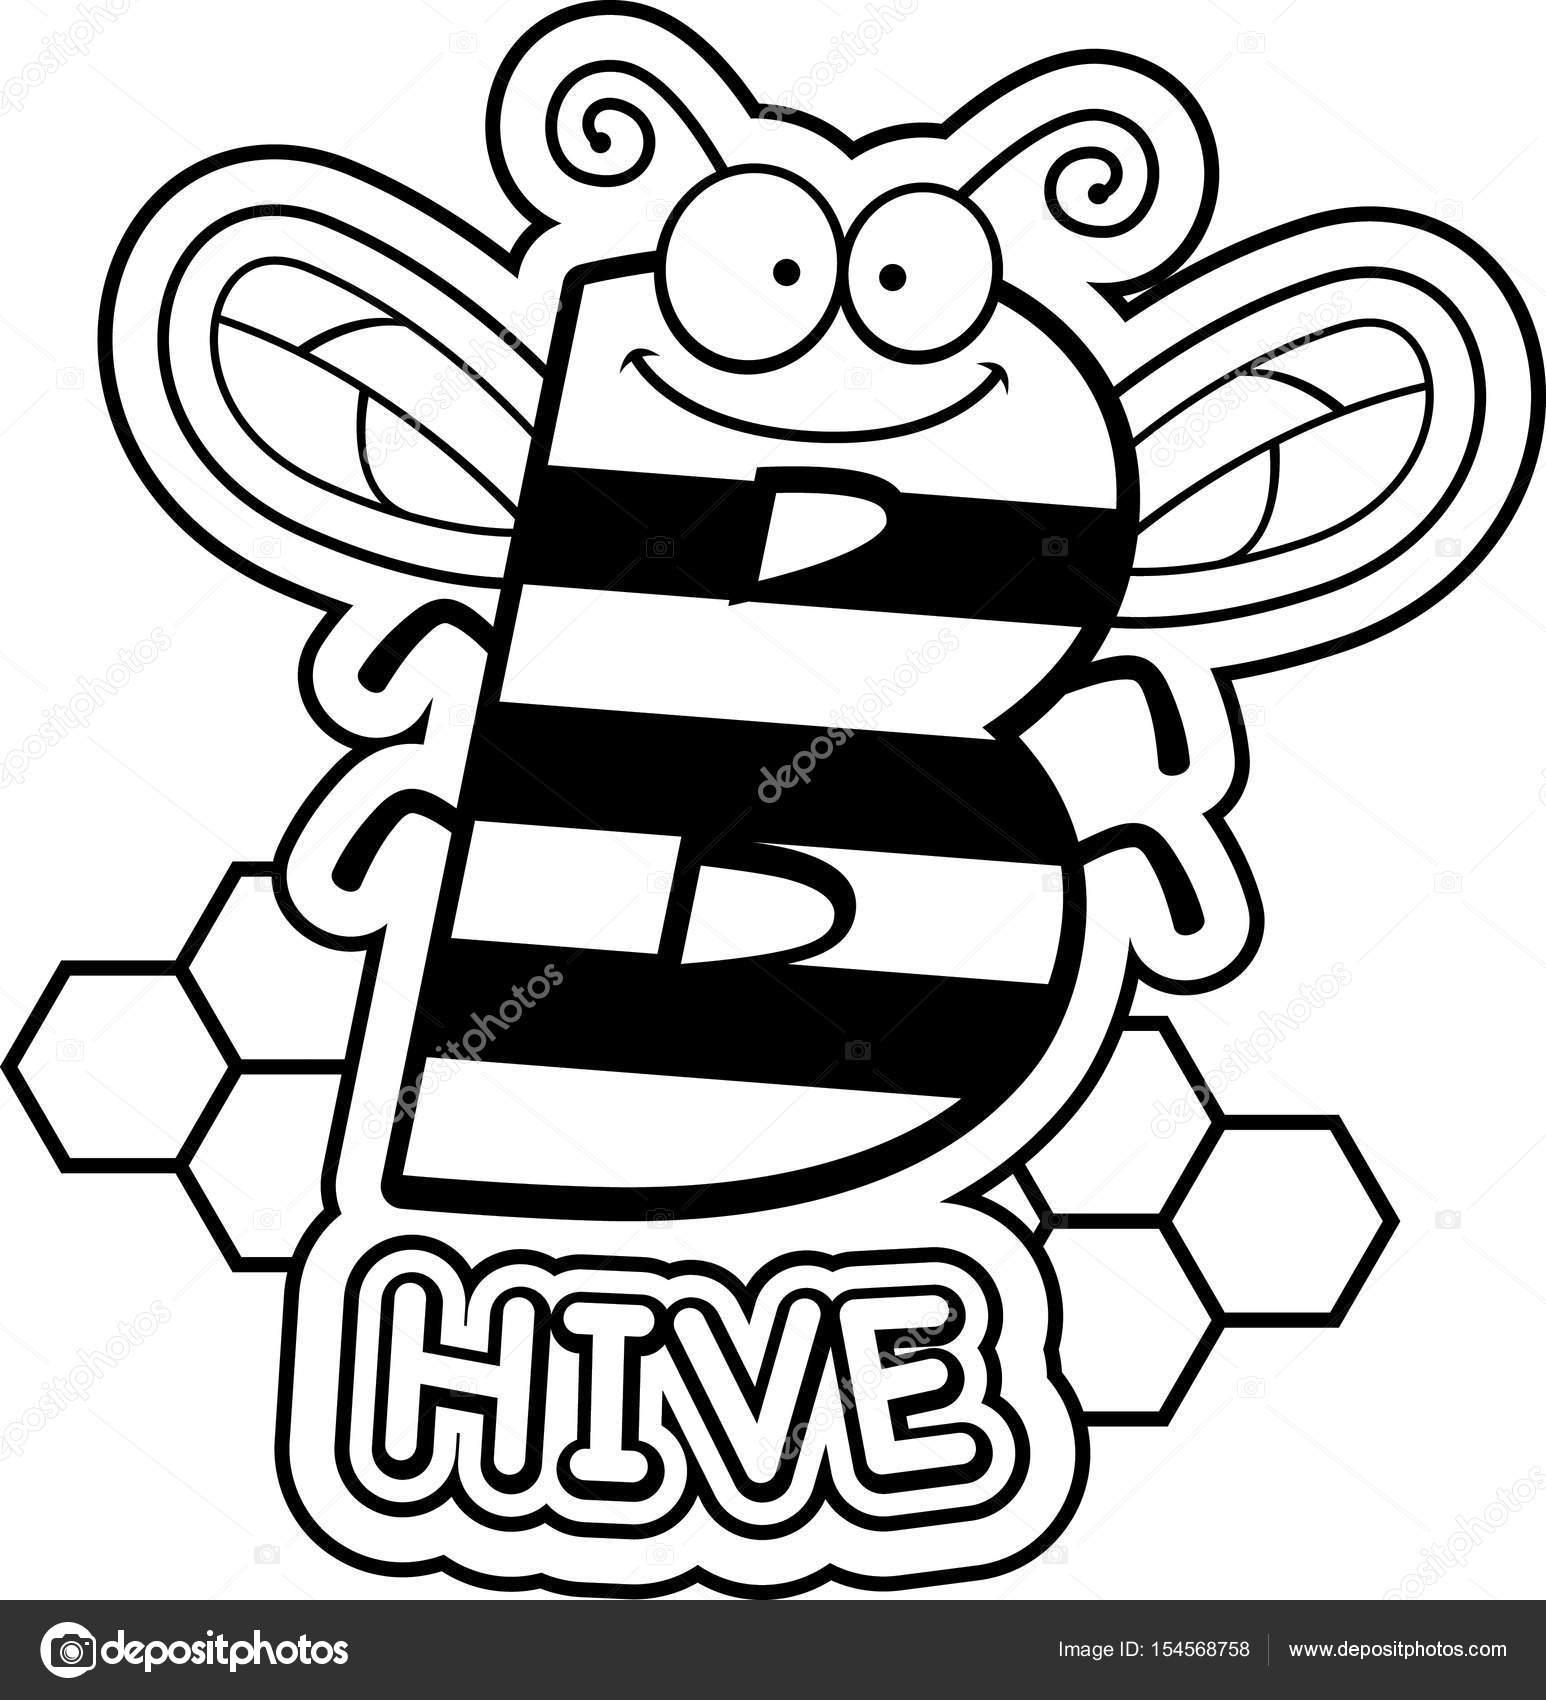 Kovan arı resmi boyama